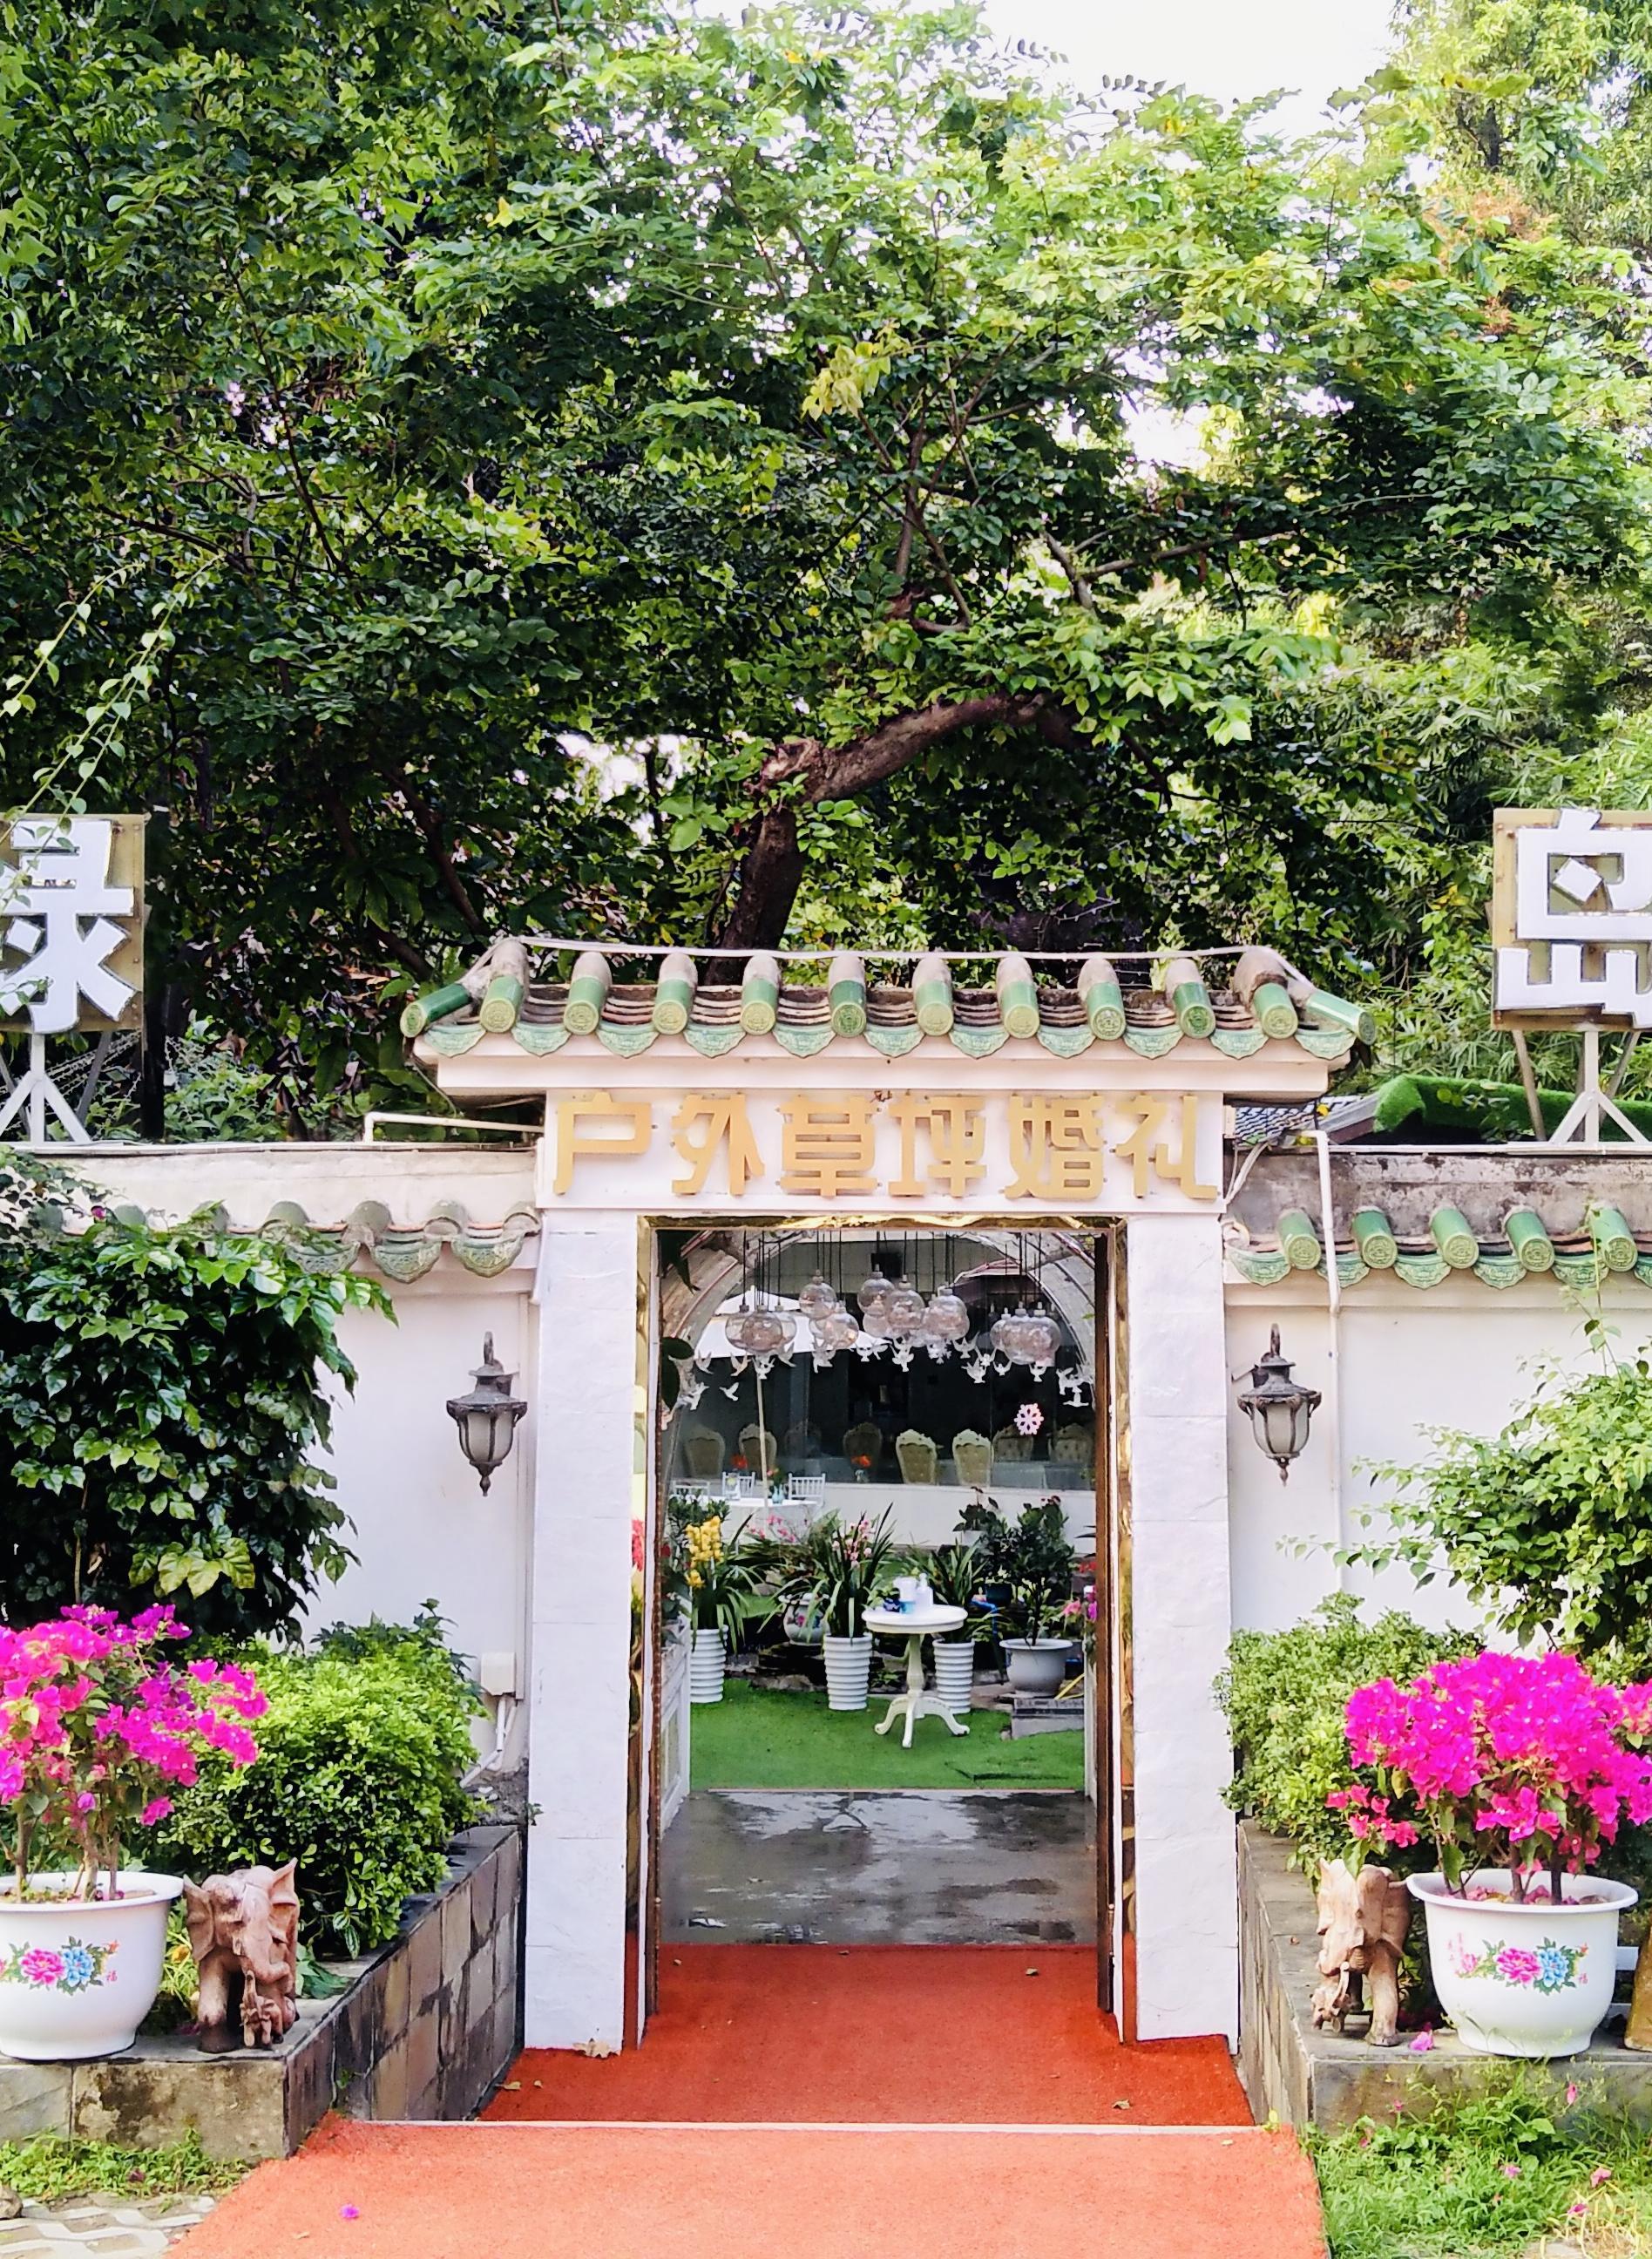 绿岛ParkCafe户外婚礼会所